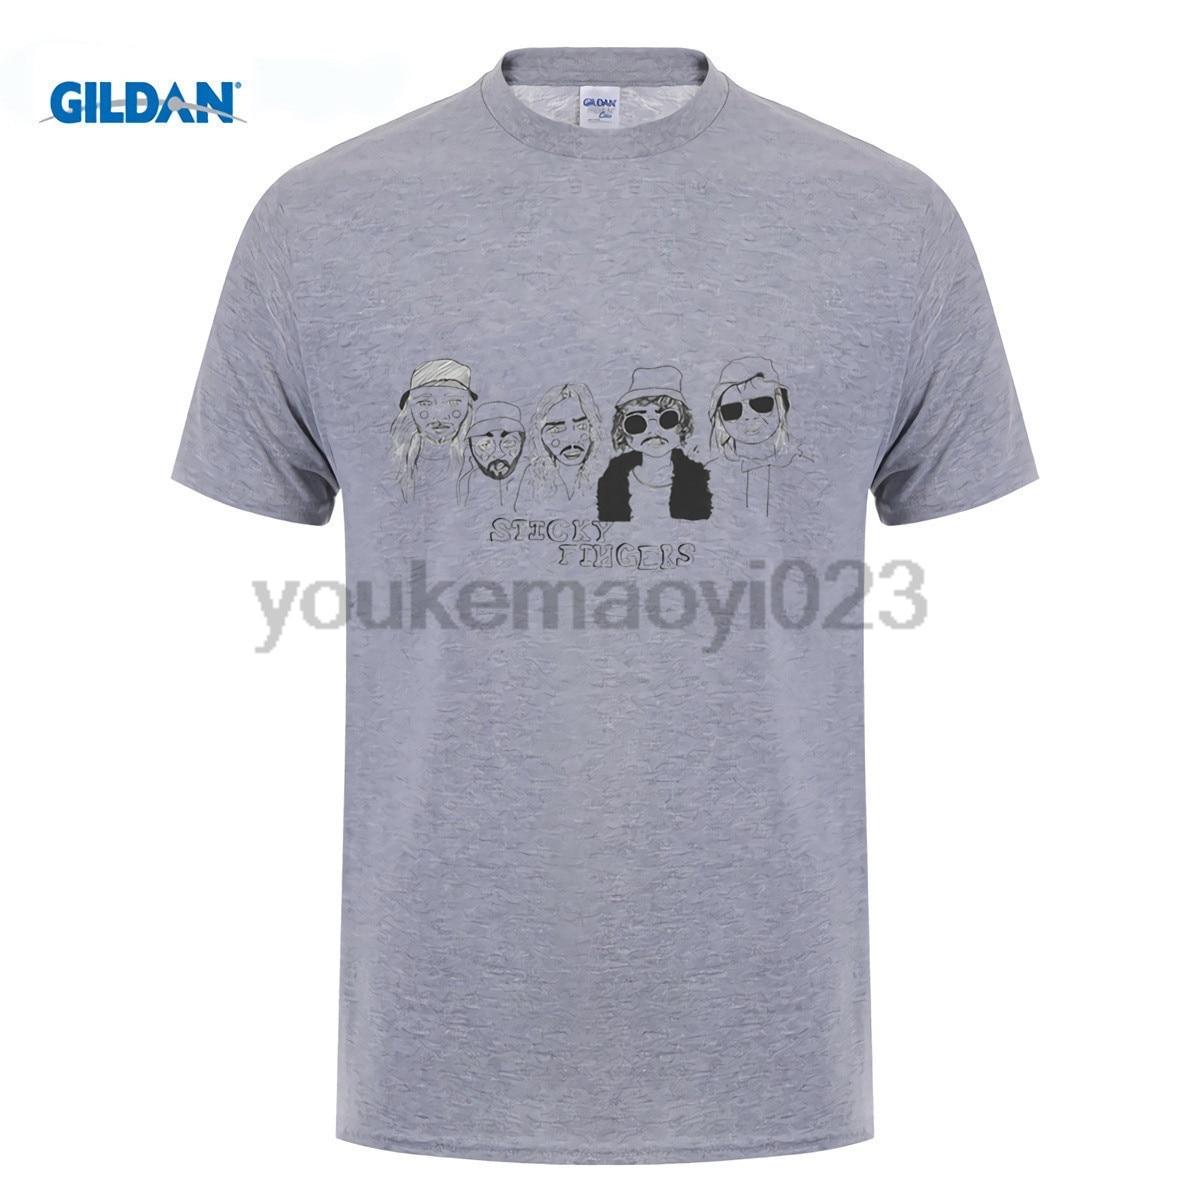 GILDAN Sticky Fingers for men t shirt